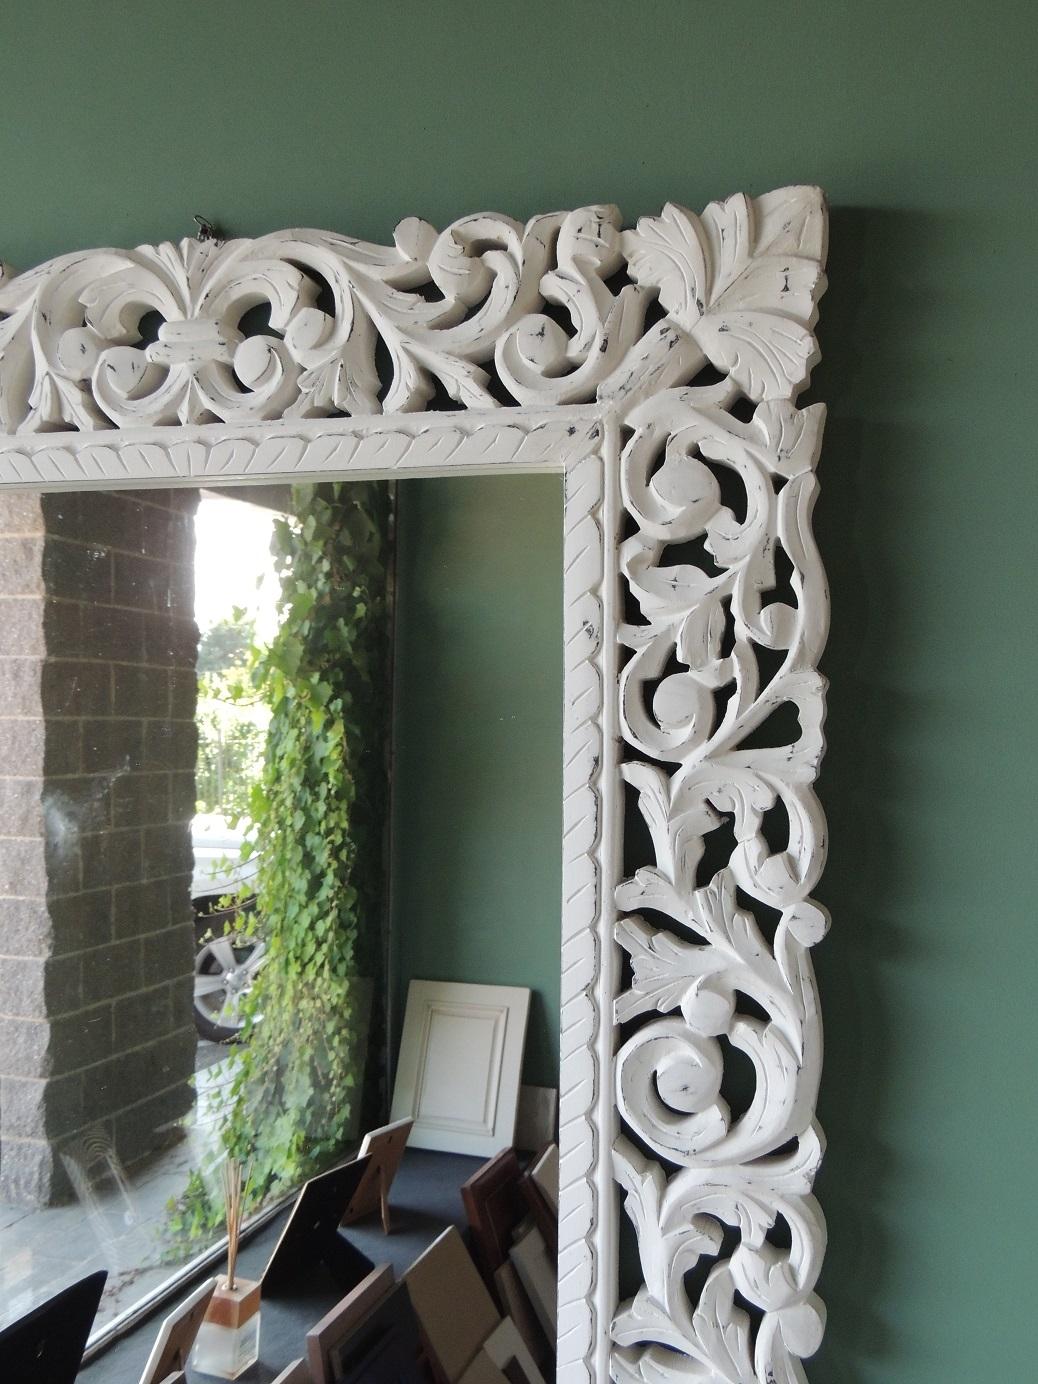 Specchio da parete con cornice in legno decapata bianca ...